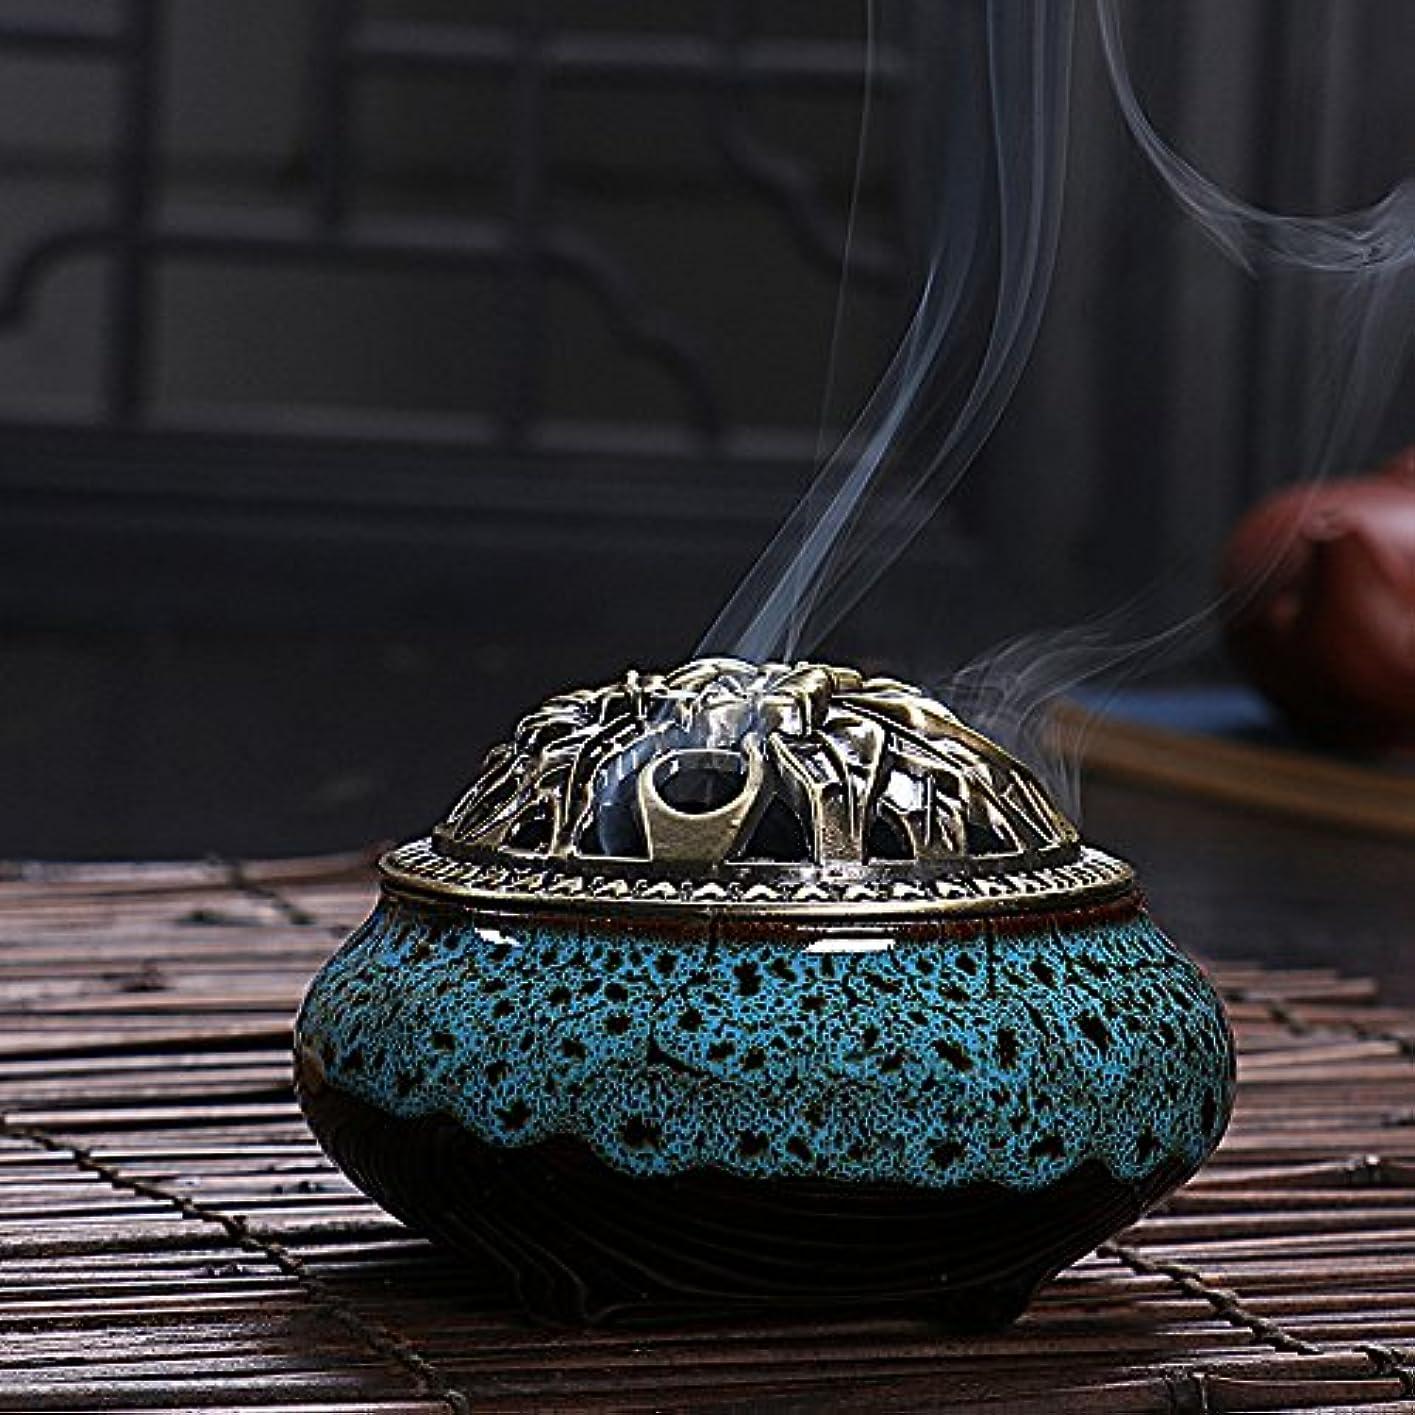 熟読する回転させる無視(Diamond Blue, One Size) - Ceramic Home Decration Incense Sticks or Cones Burner Porcelain Incense Holder